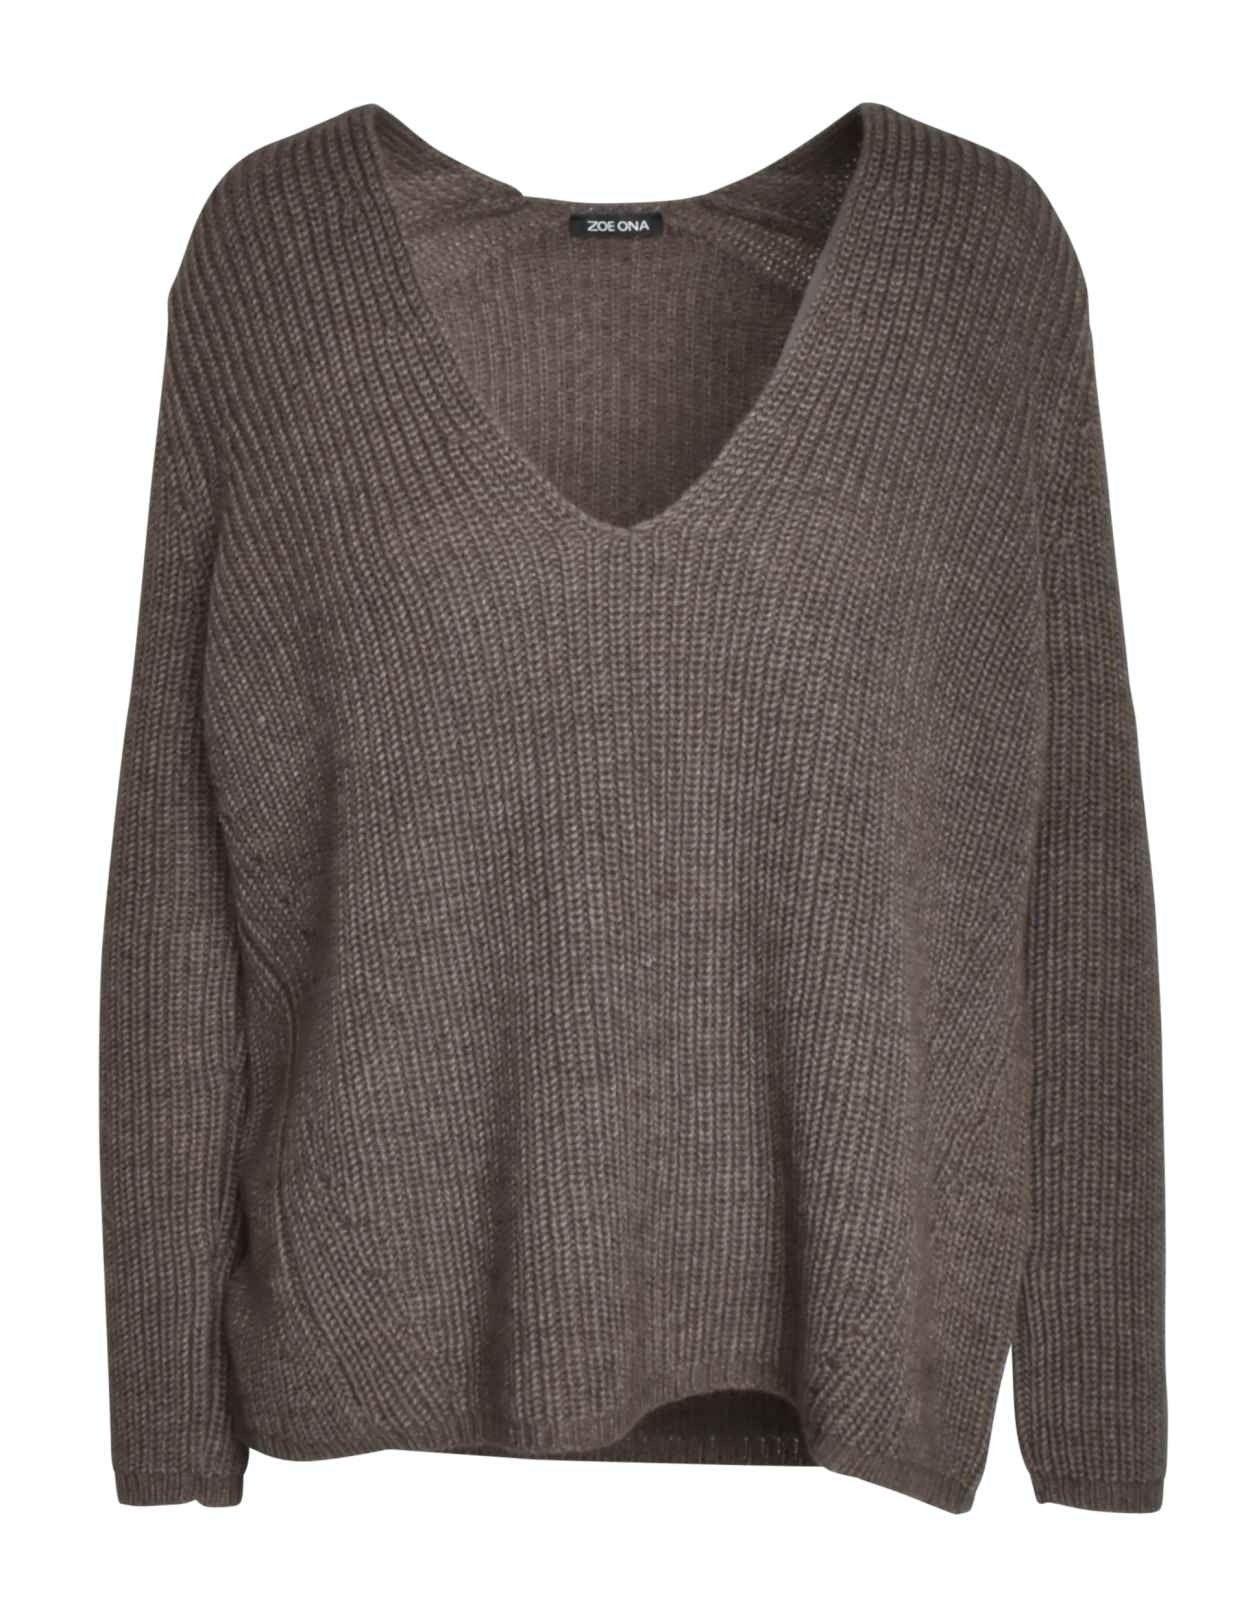 ZOE ONA - Damen Pullover - V-Neck Grobstrick - Taupe